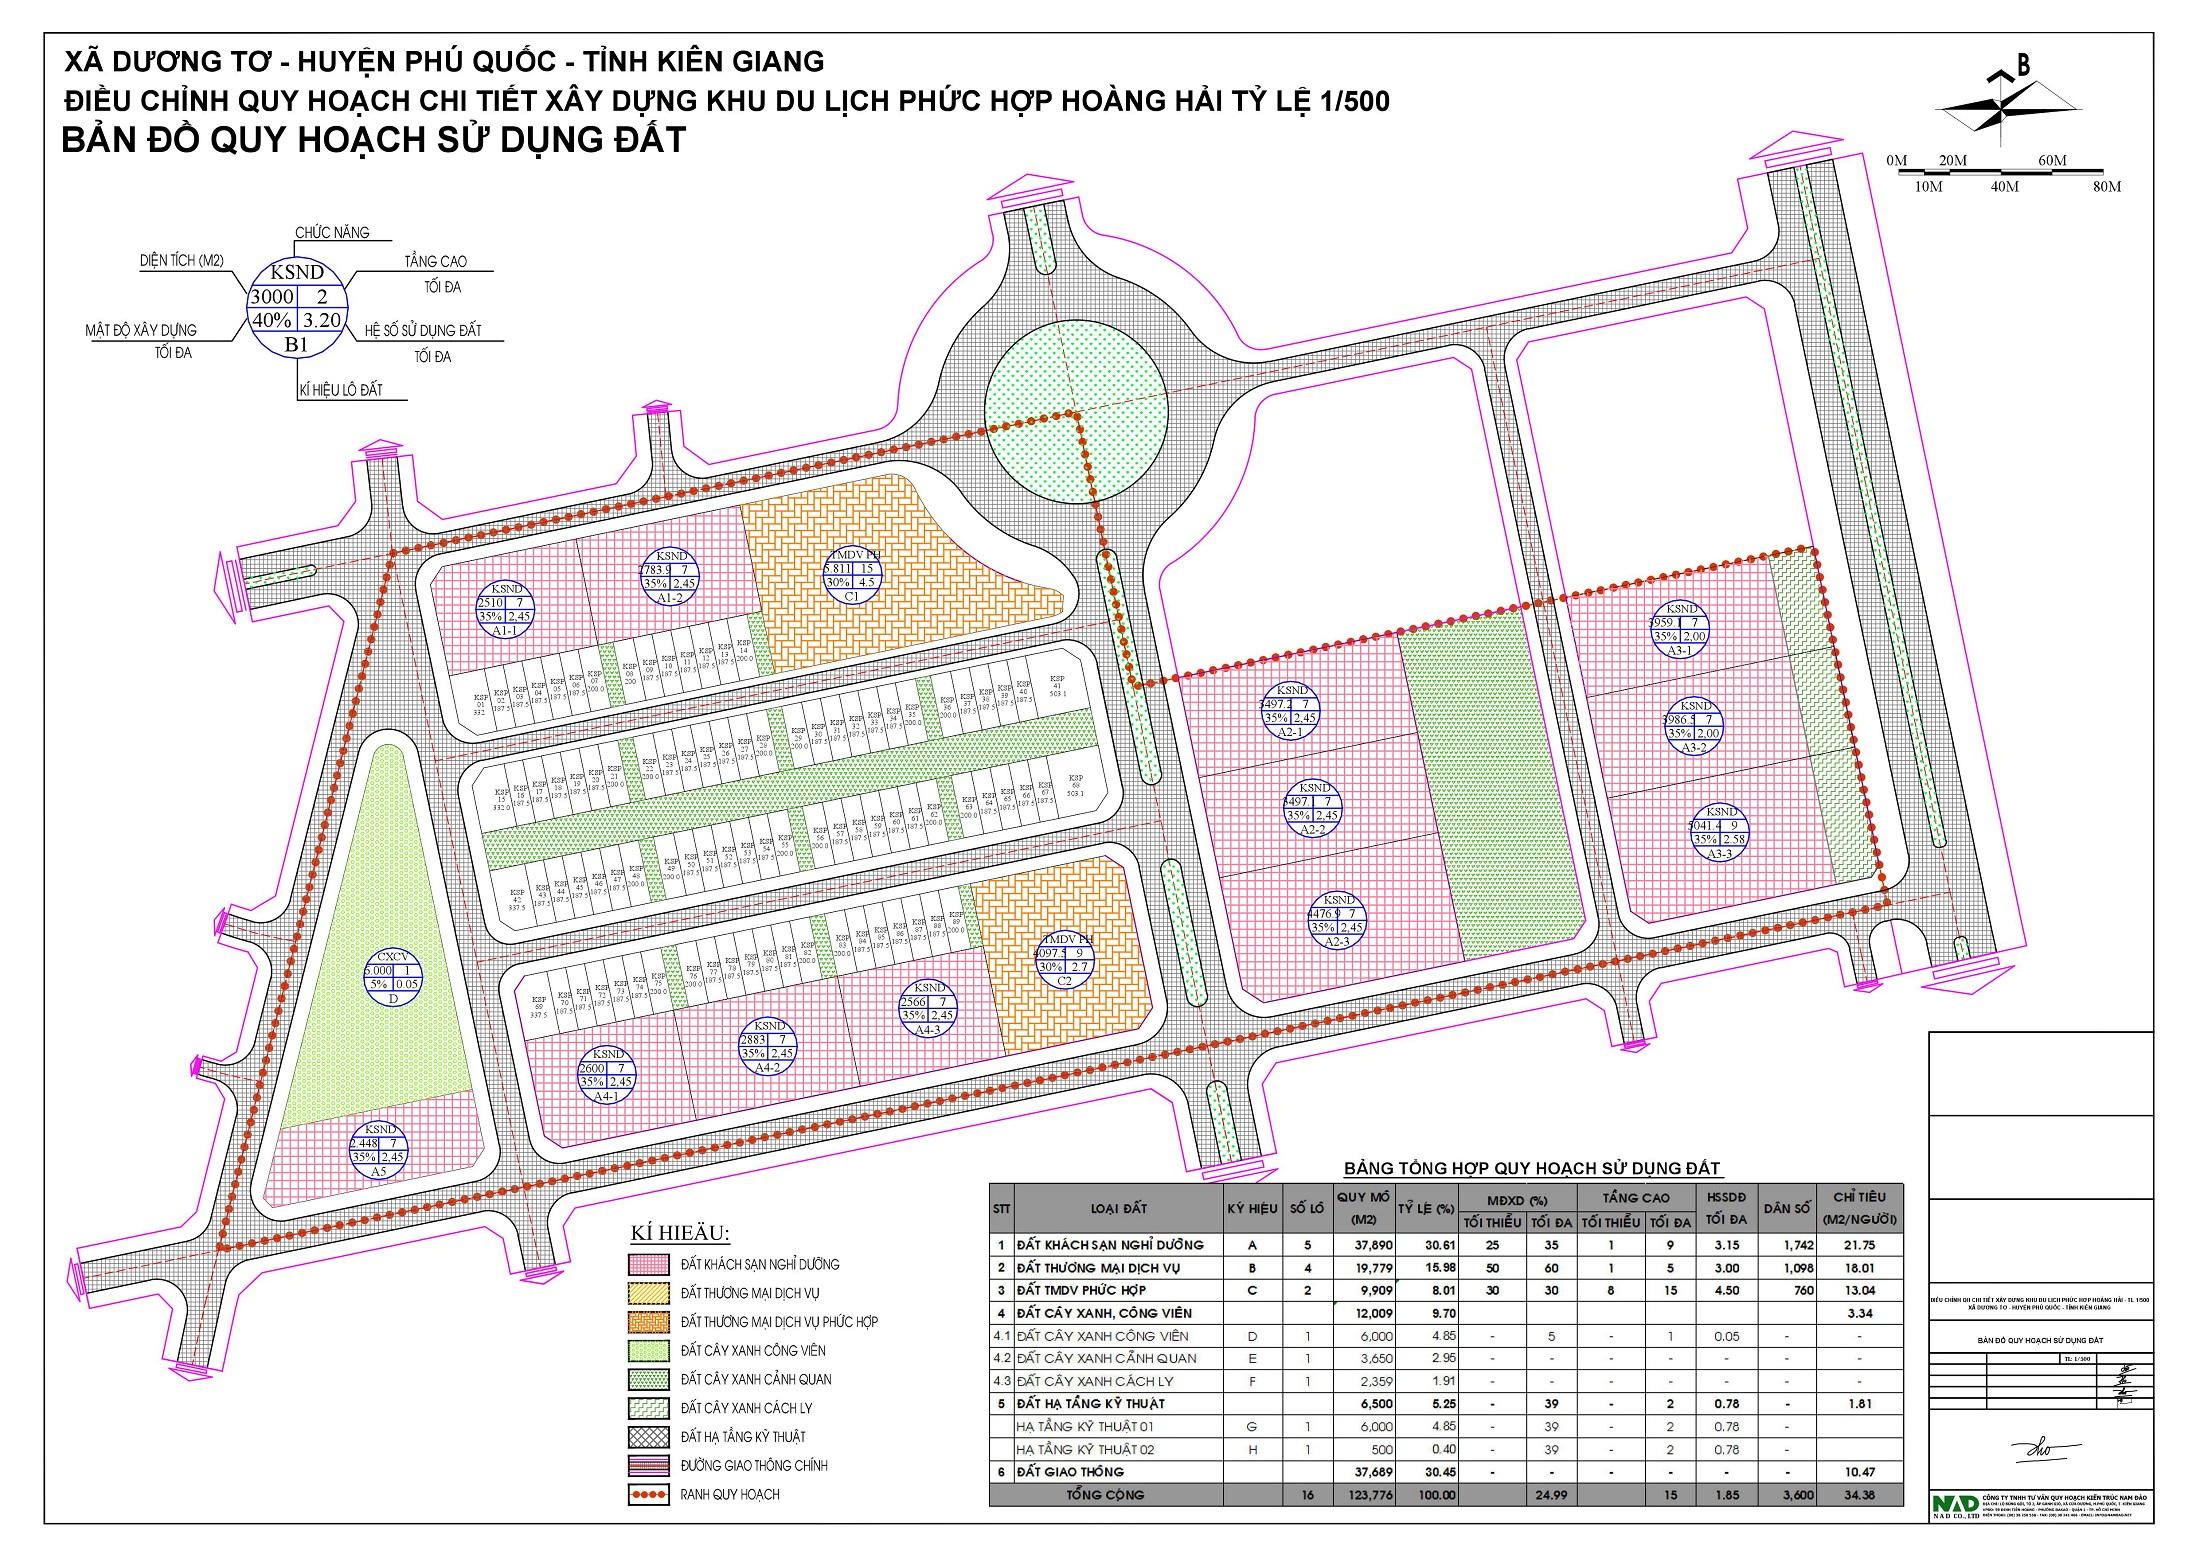 Bản đồ quy hoạch sử dụng đất khu du lịch nghỉ dưỡng Hoàng Hải Complex Phú Quốc